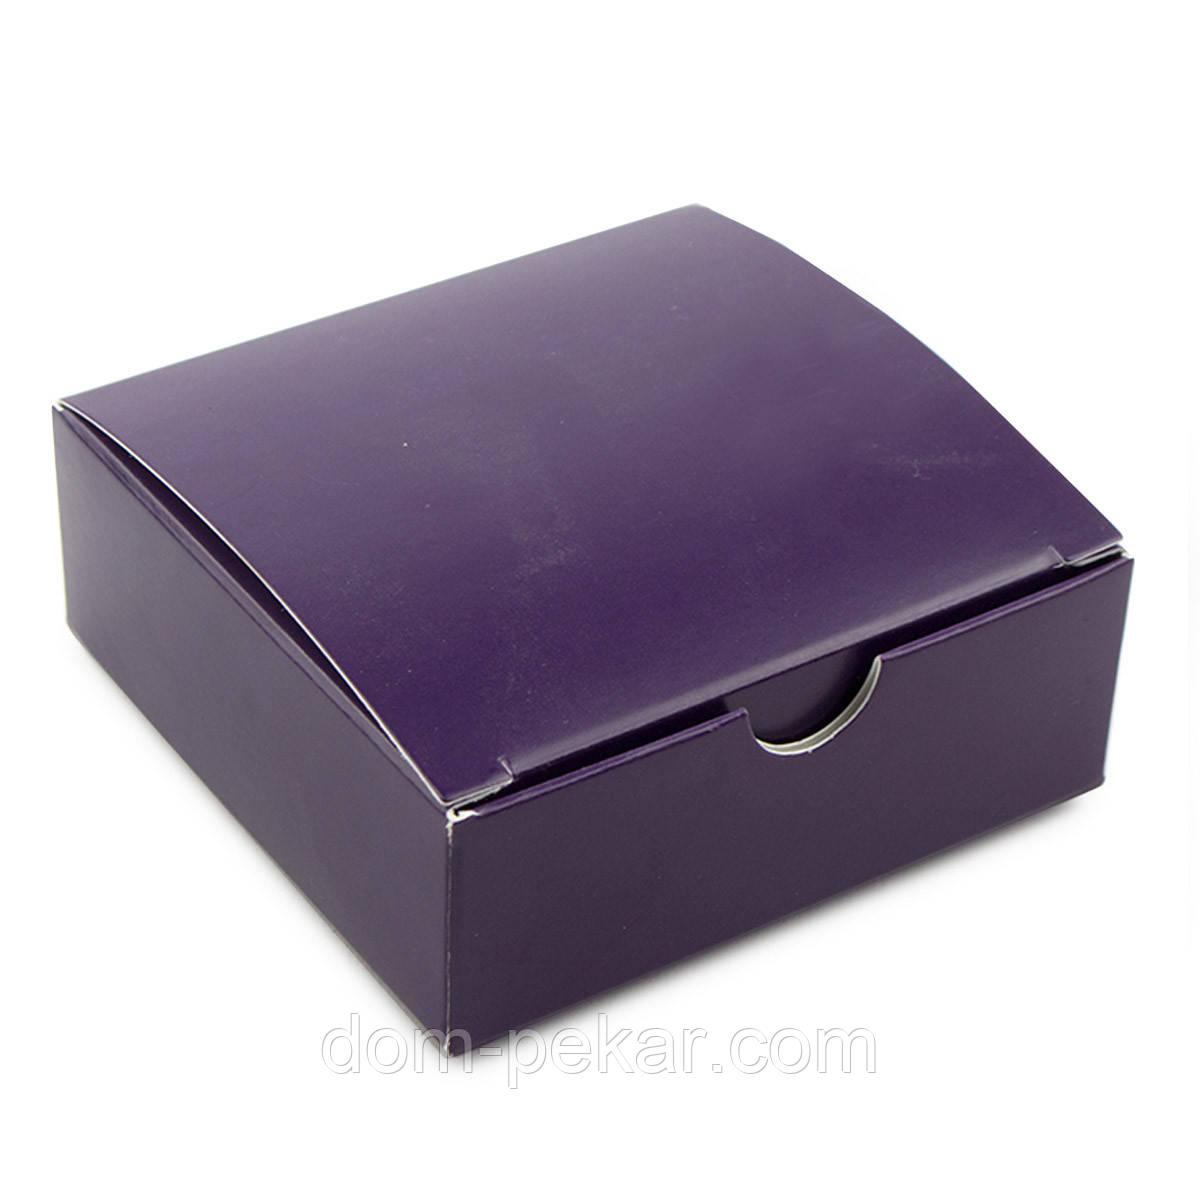 Упаковка универсальная-мини 83*83*30мм Фиолетовая